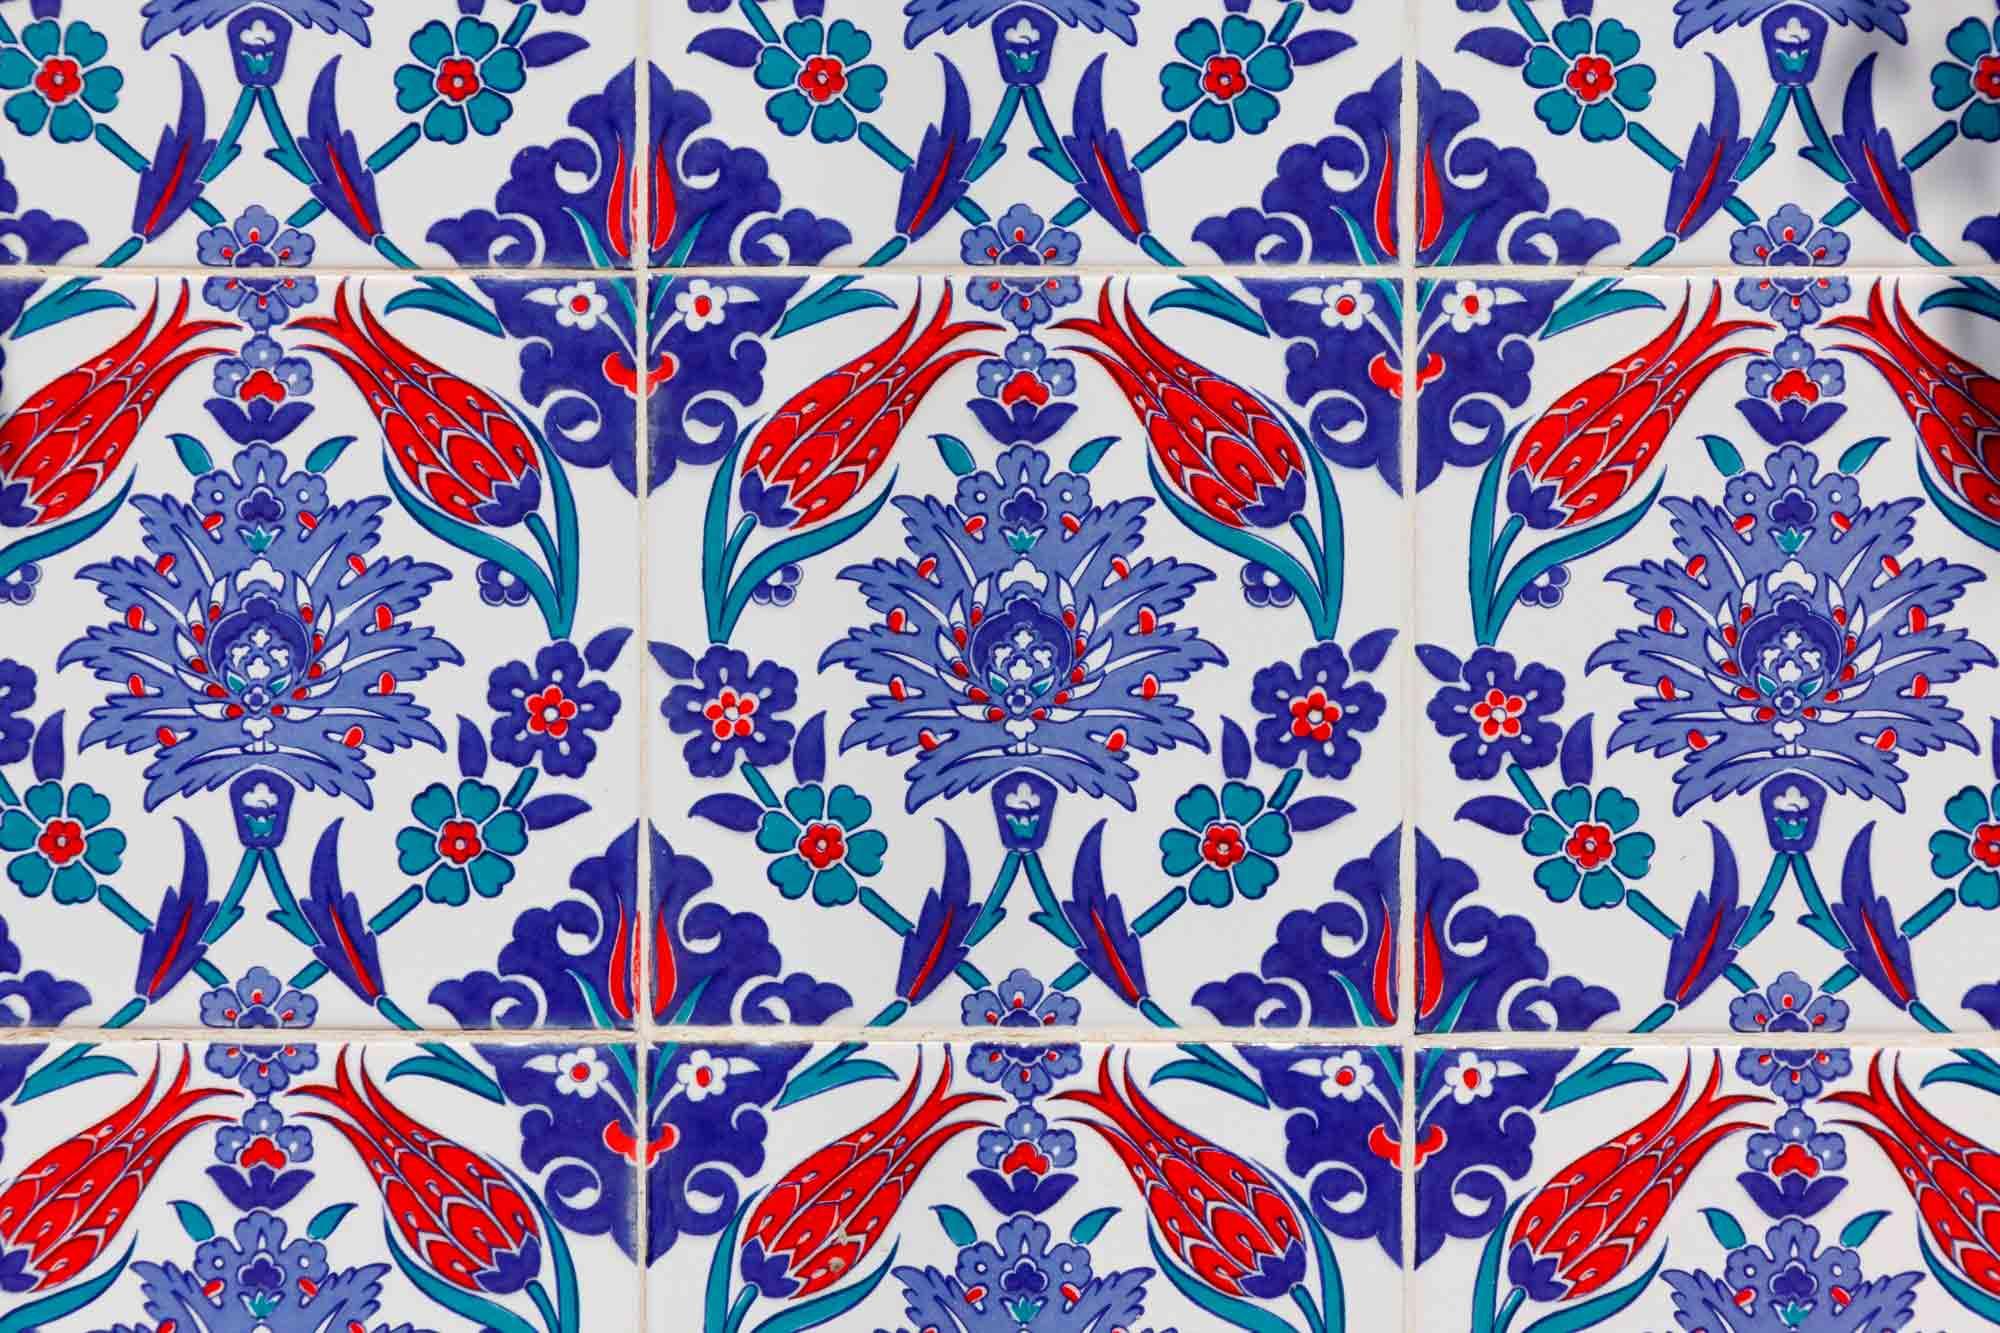 tile laying patterns